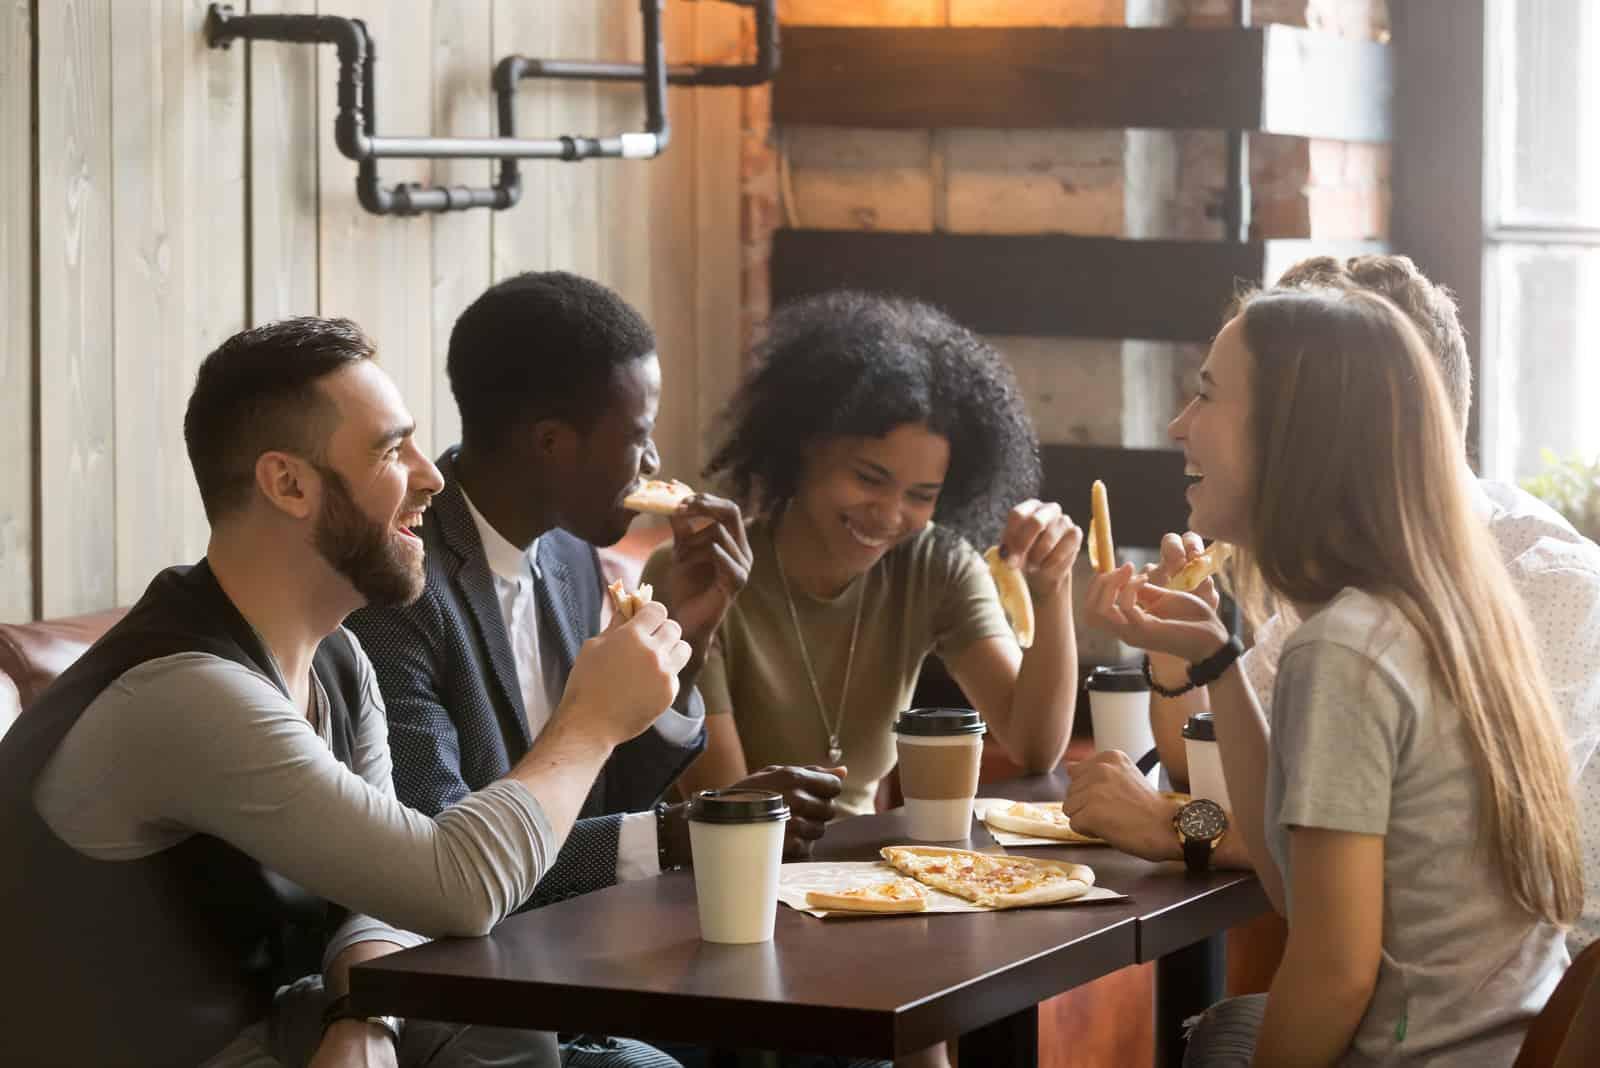 glückliche junge Leute, die Pizza in der Pizzeria essen